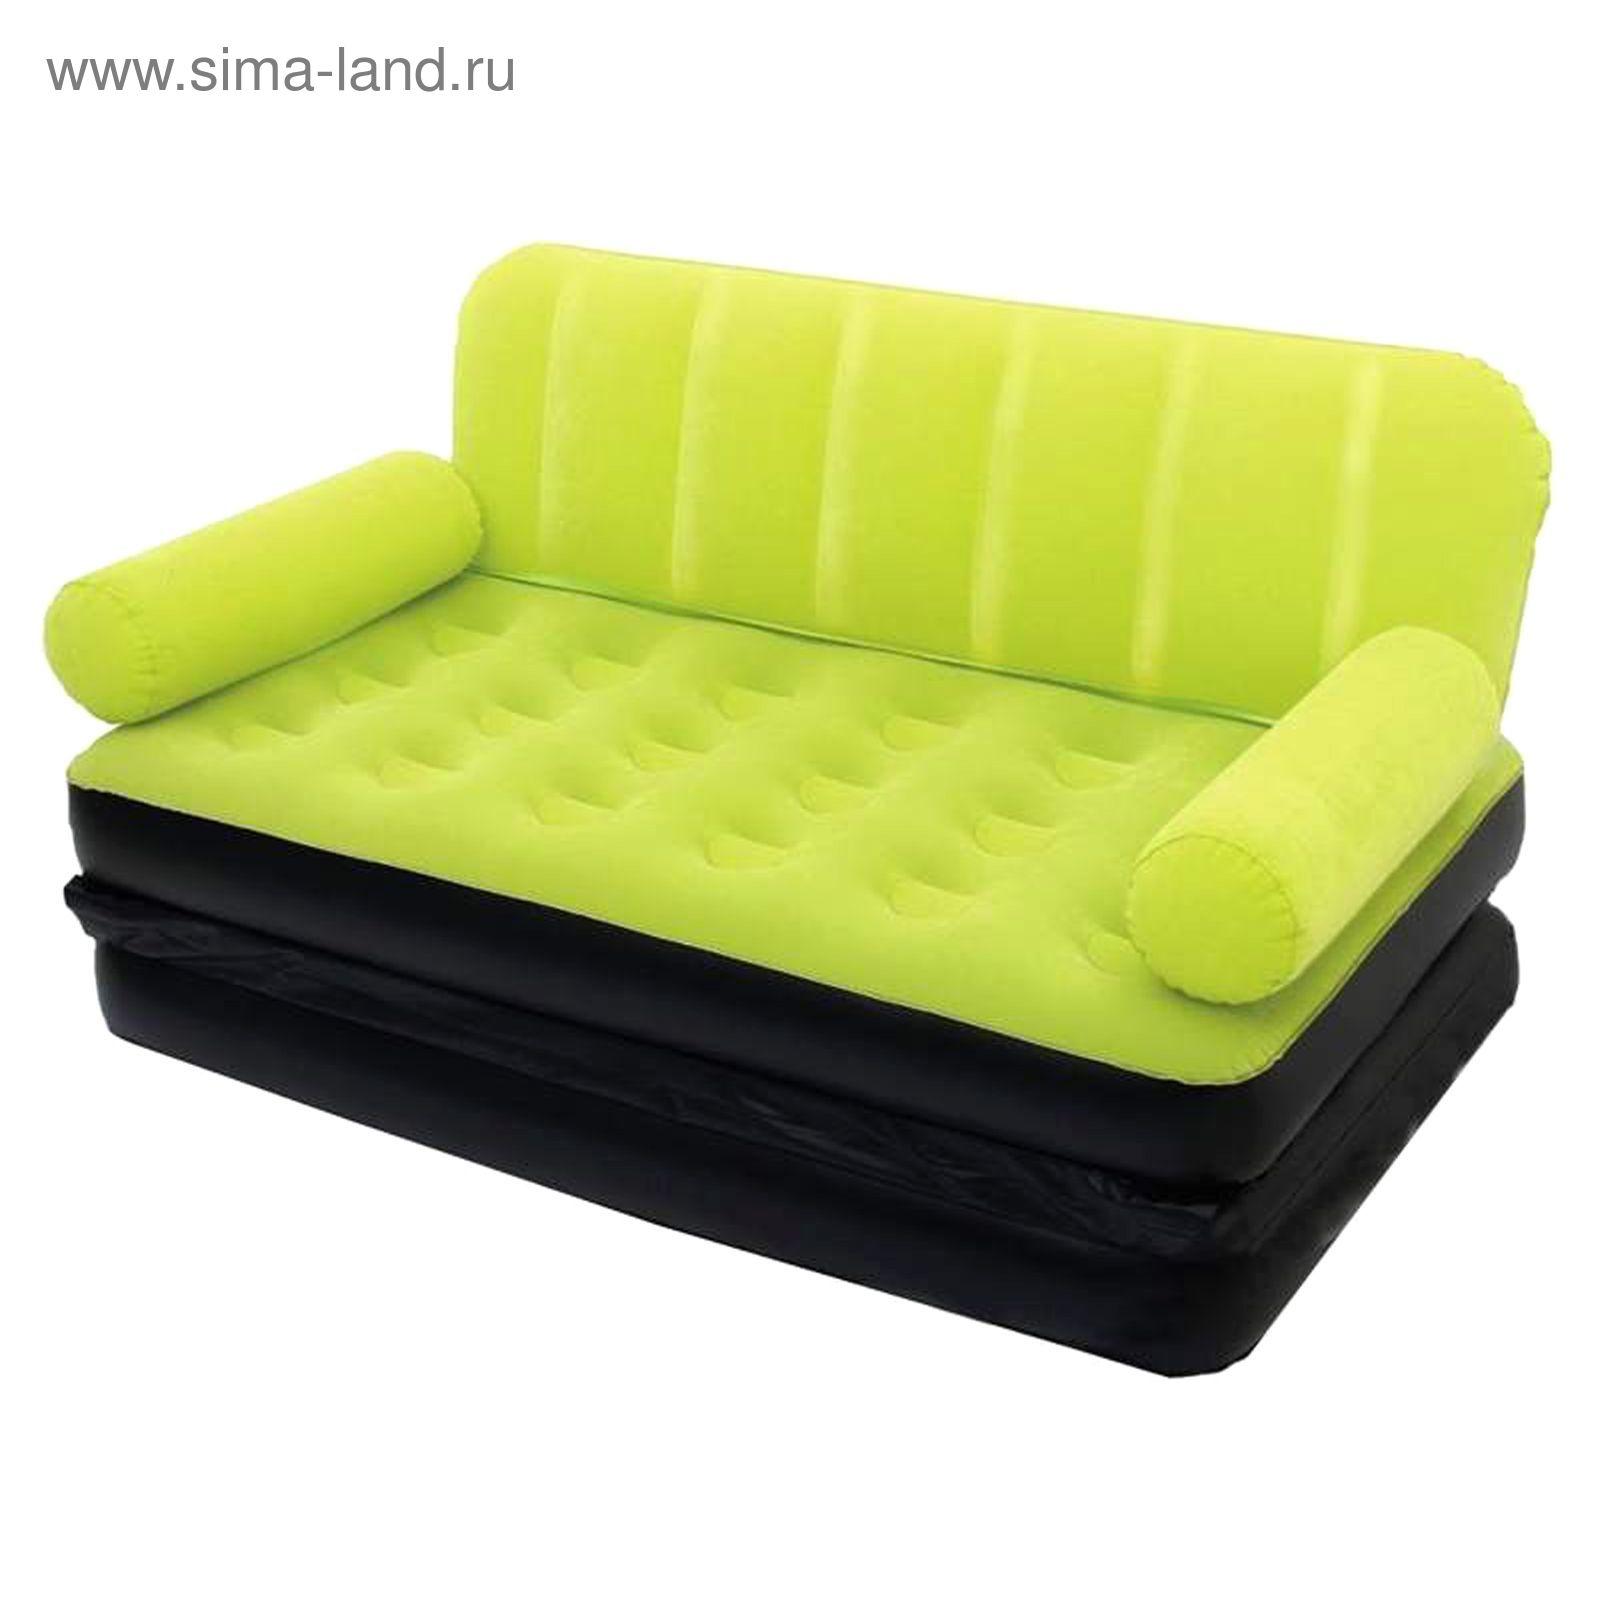 надувной диван кровать 188х152х64 см электронасос в комплекте